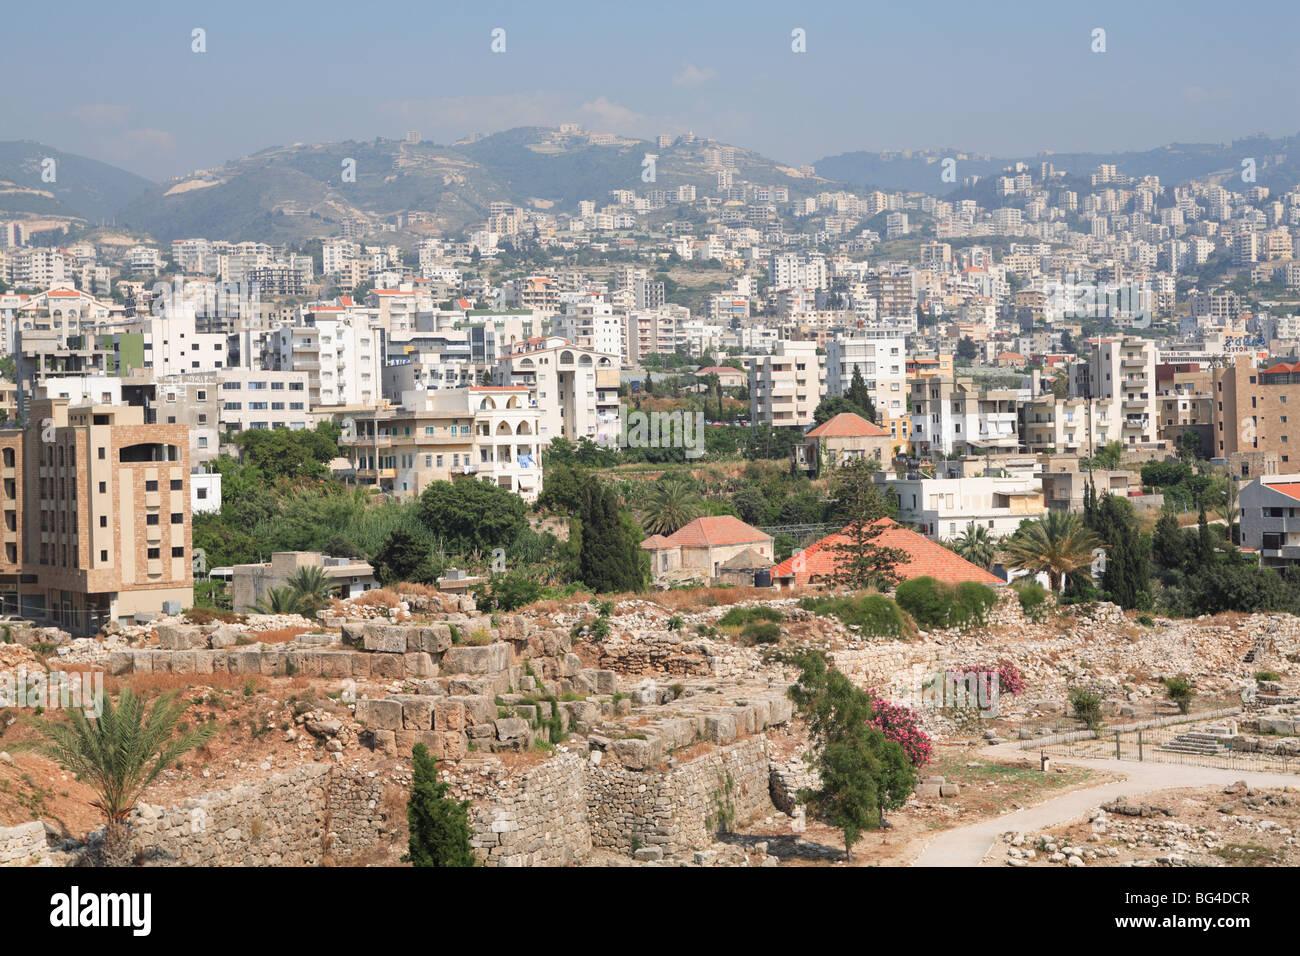 Byblos, Sito Patrimonio Mondiale dell'UNESCO, Jbail, Libano, Medio Oriente Immagini Stock